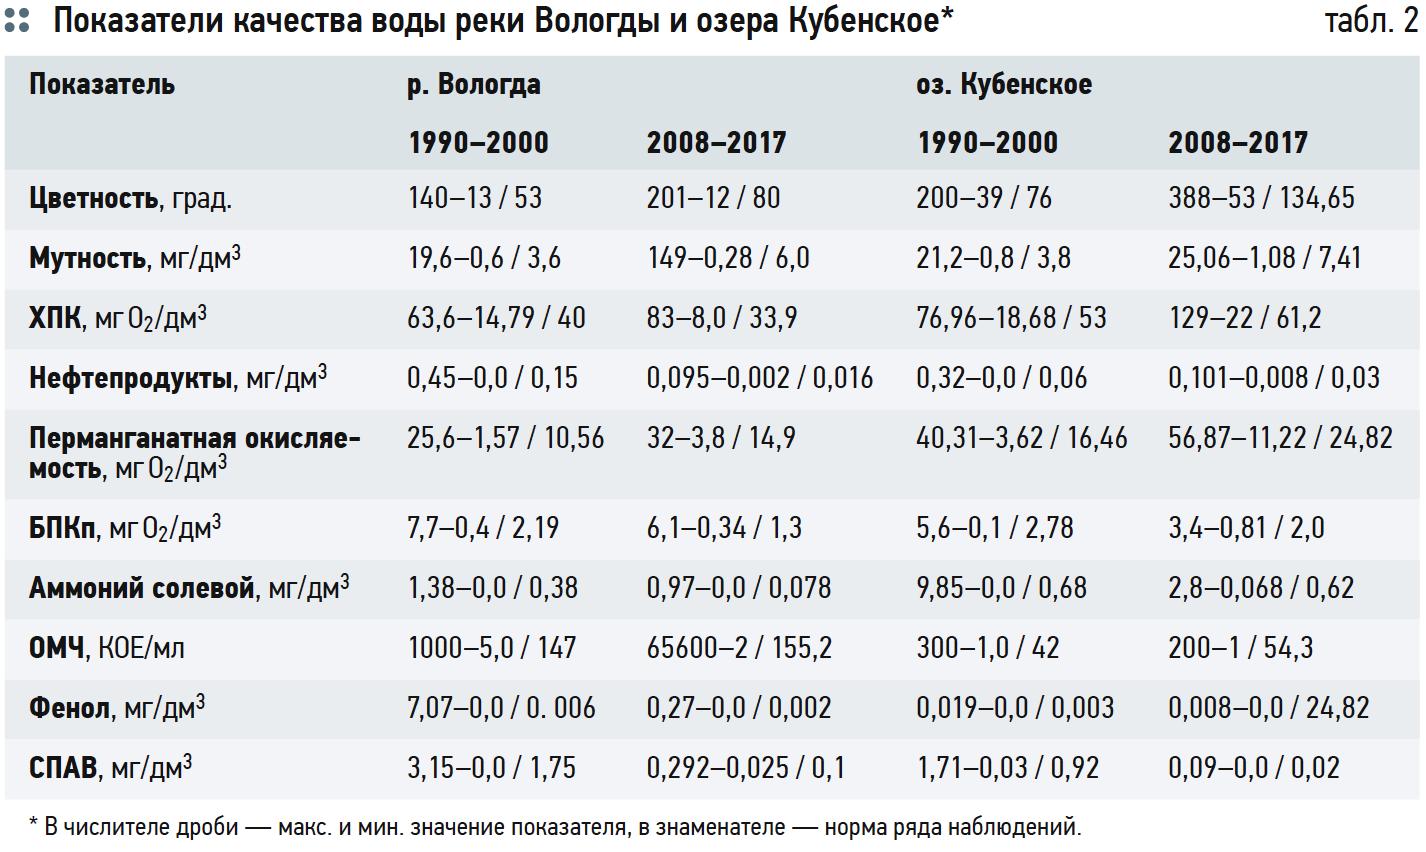 Показатели качества воды реки Вологды и озера Кубенское